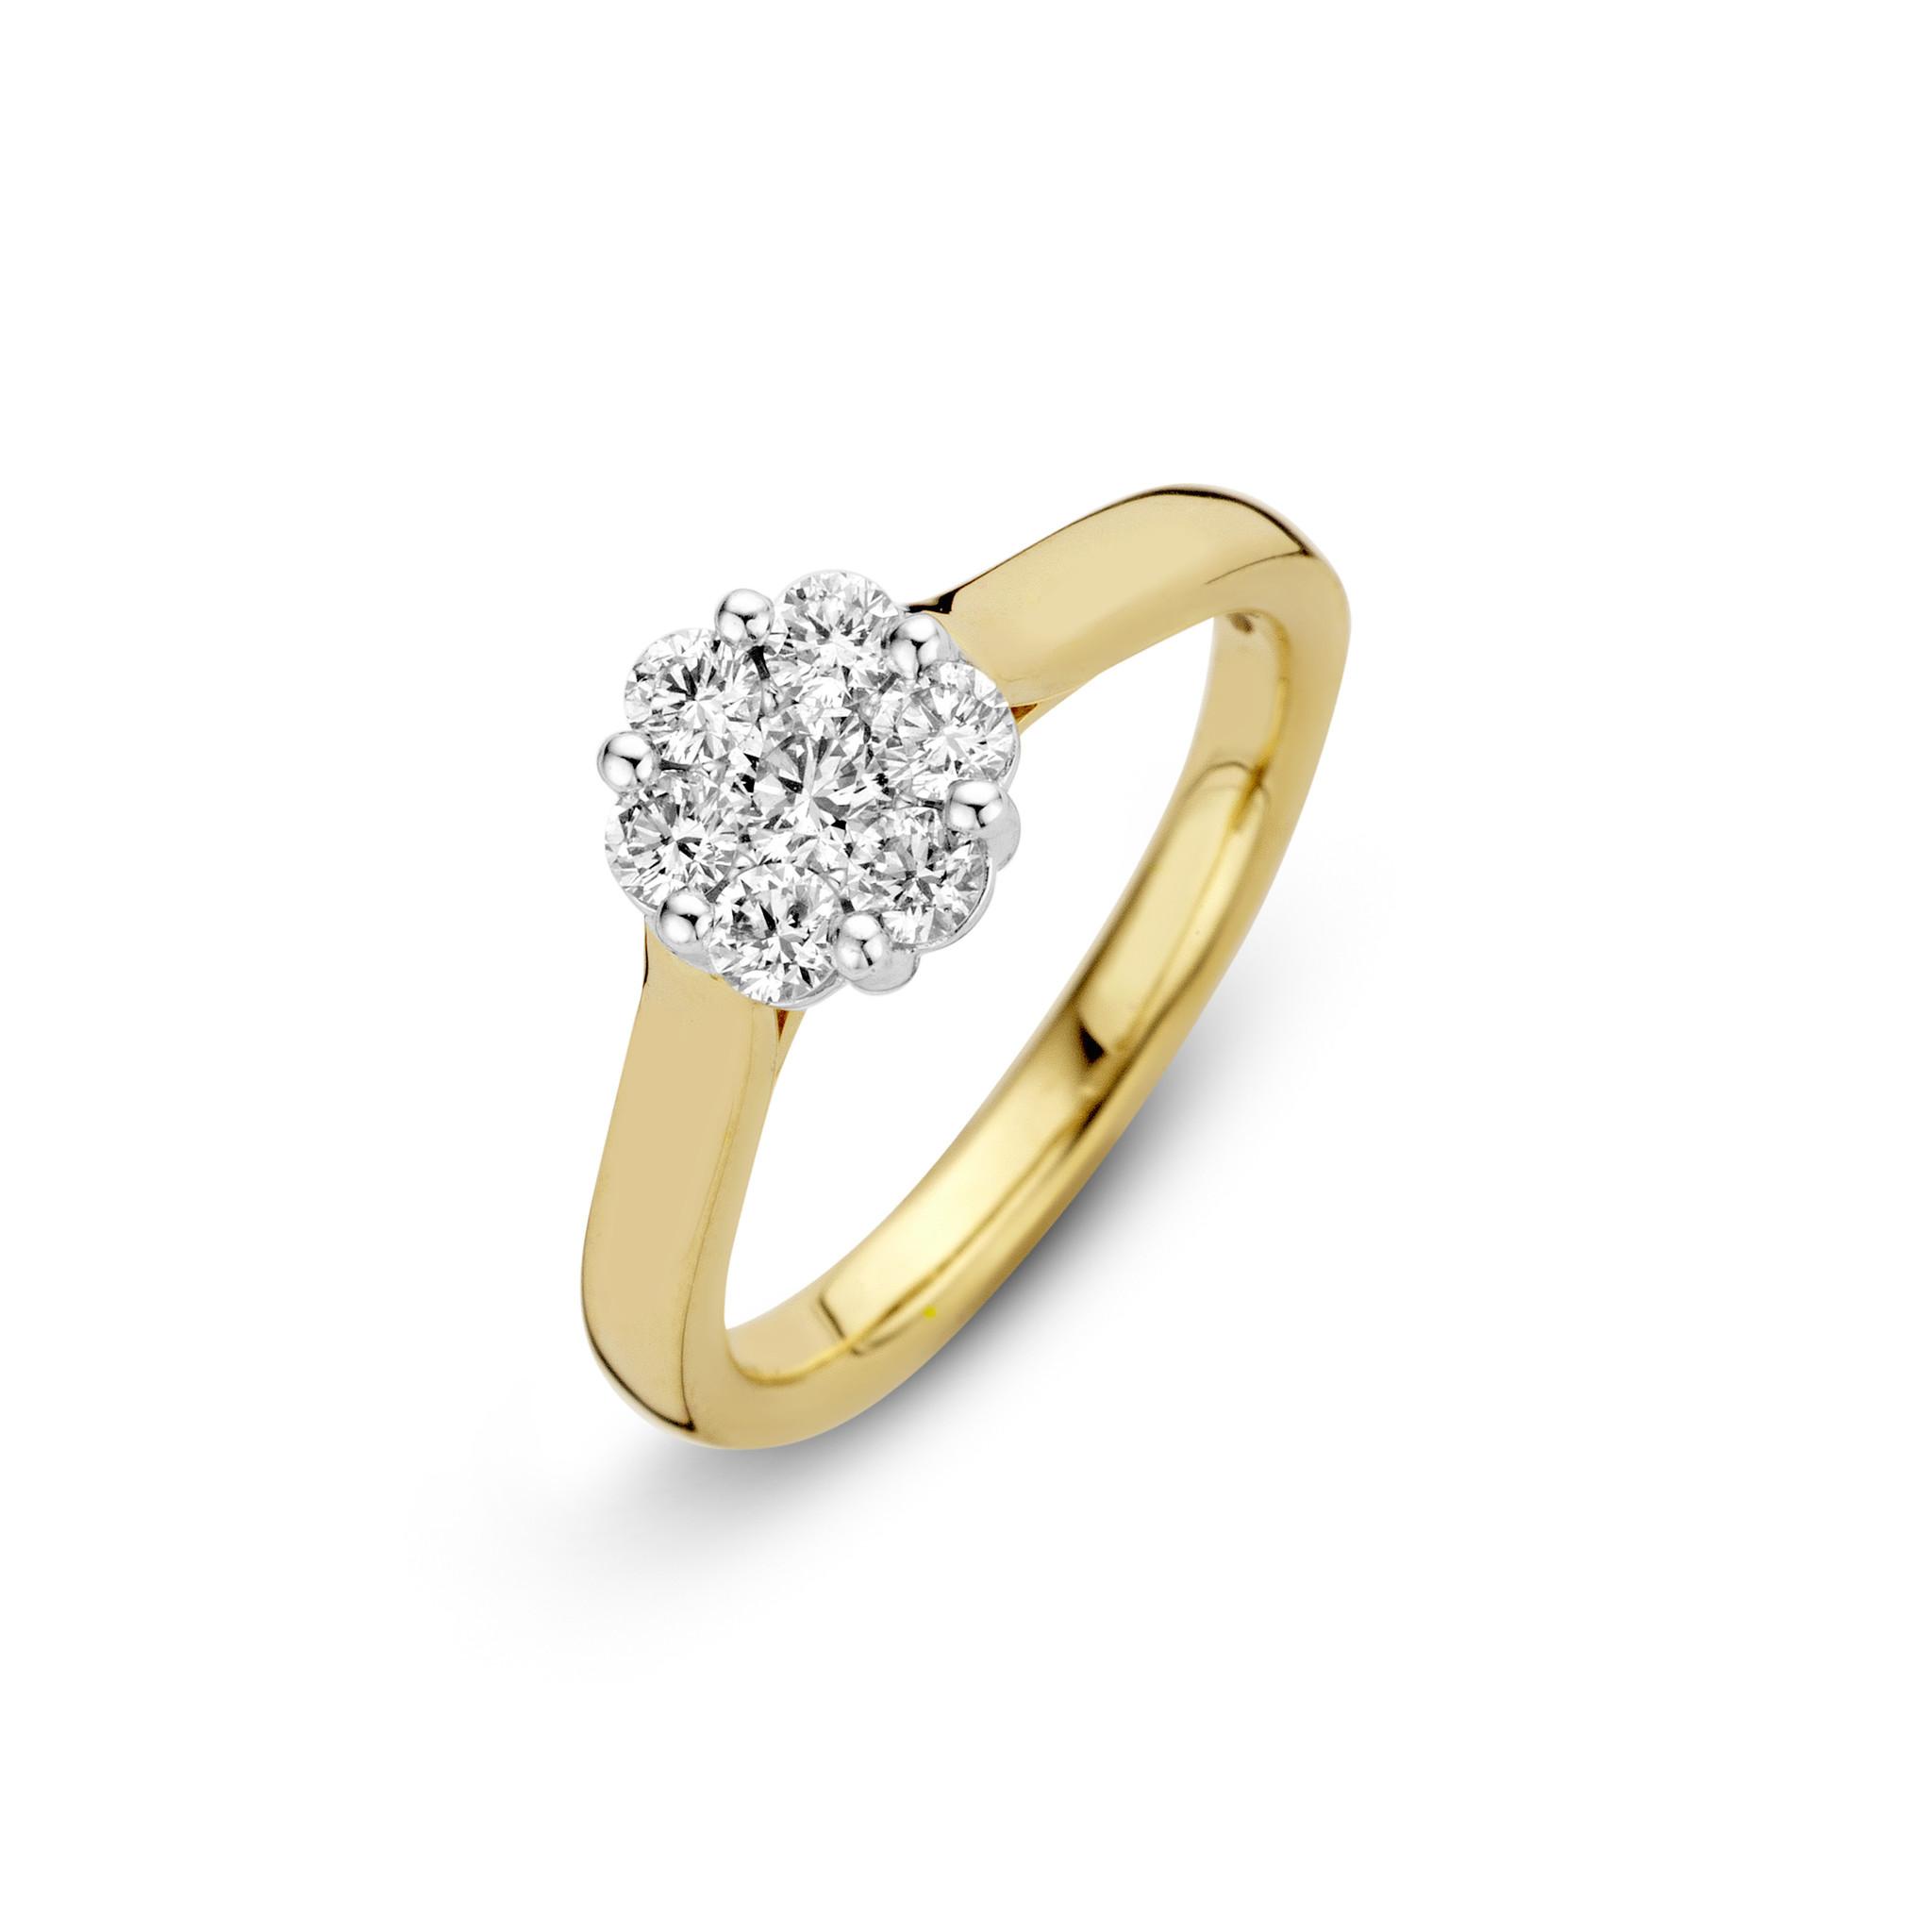 H.O.T. Een 14 krt. geelgouden rozet ring met 7 briljanten samen 0,53ct. H/SI.